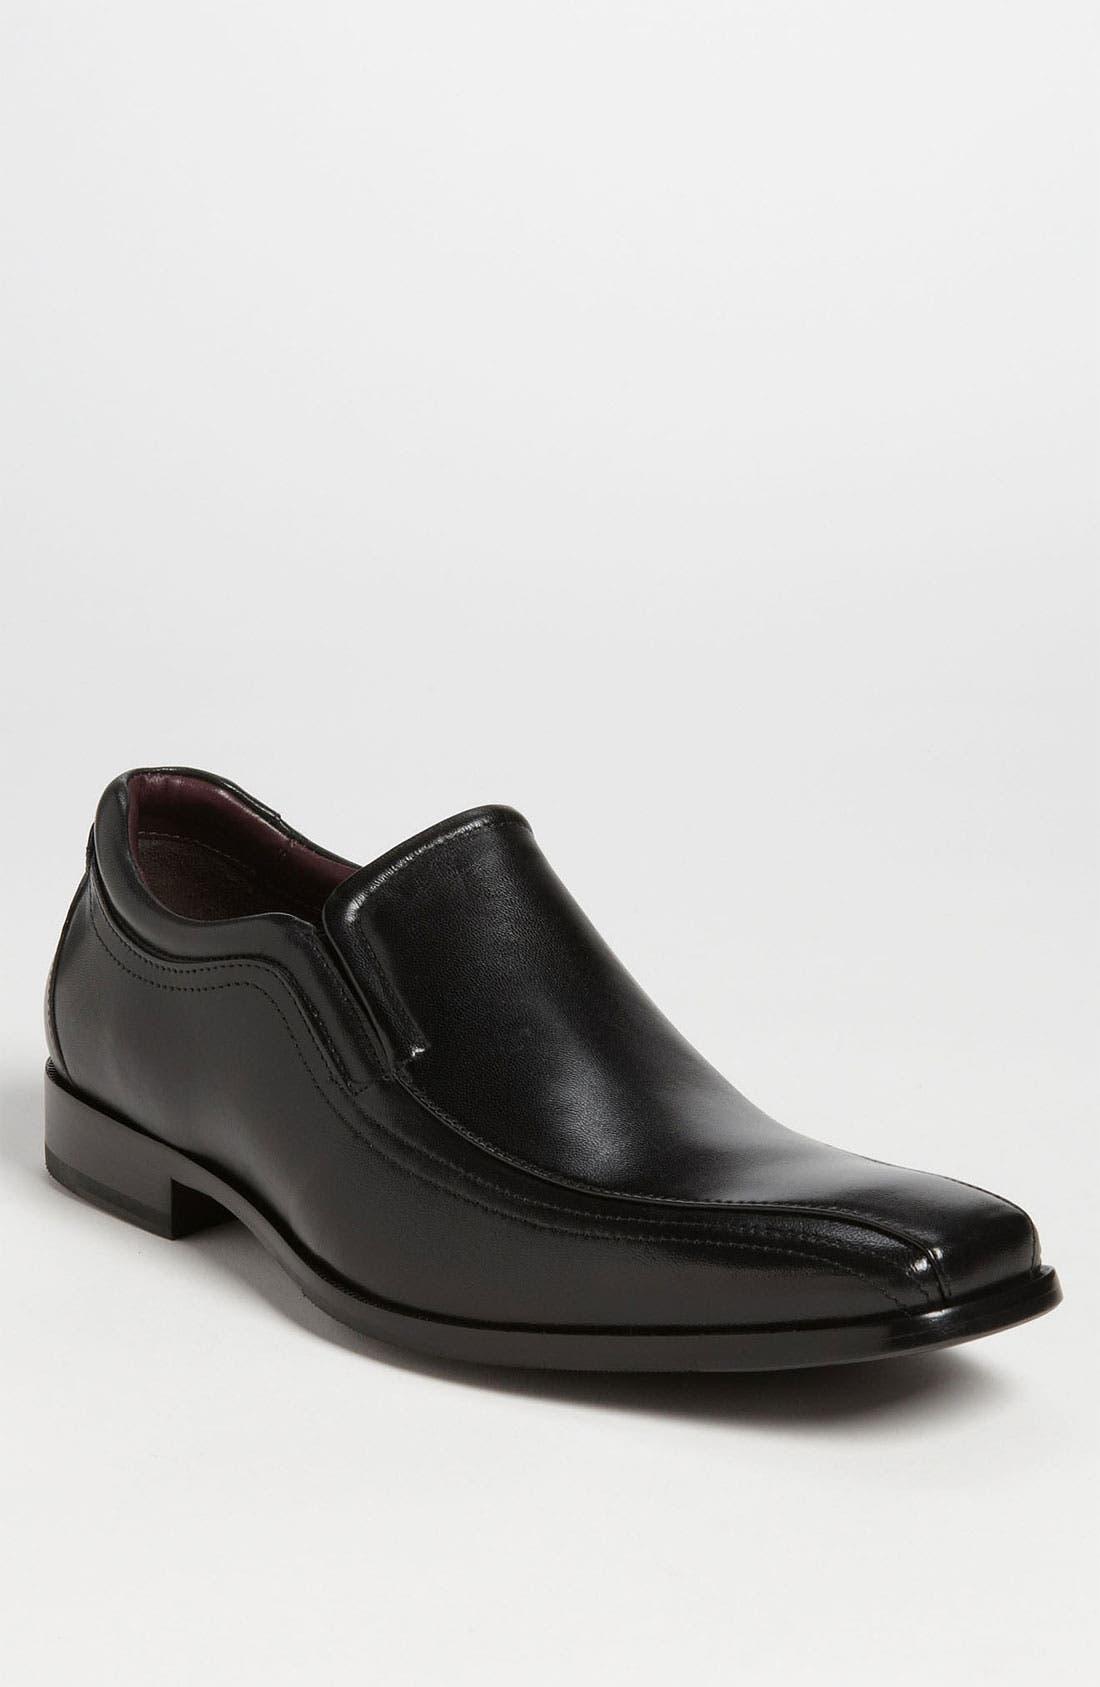 Alternate Image 1 Selected - Johnston & Murphy 'Shaler' Venetian Loafer (Men)